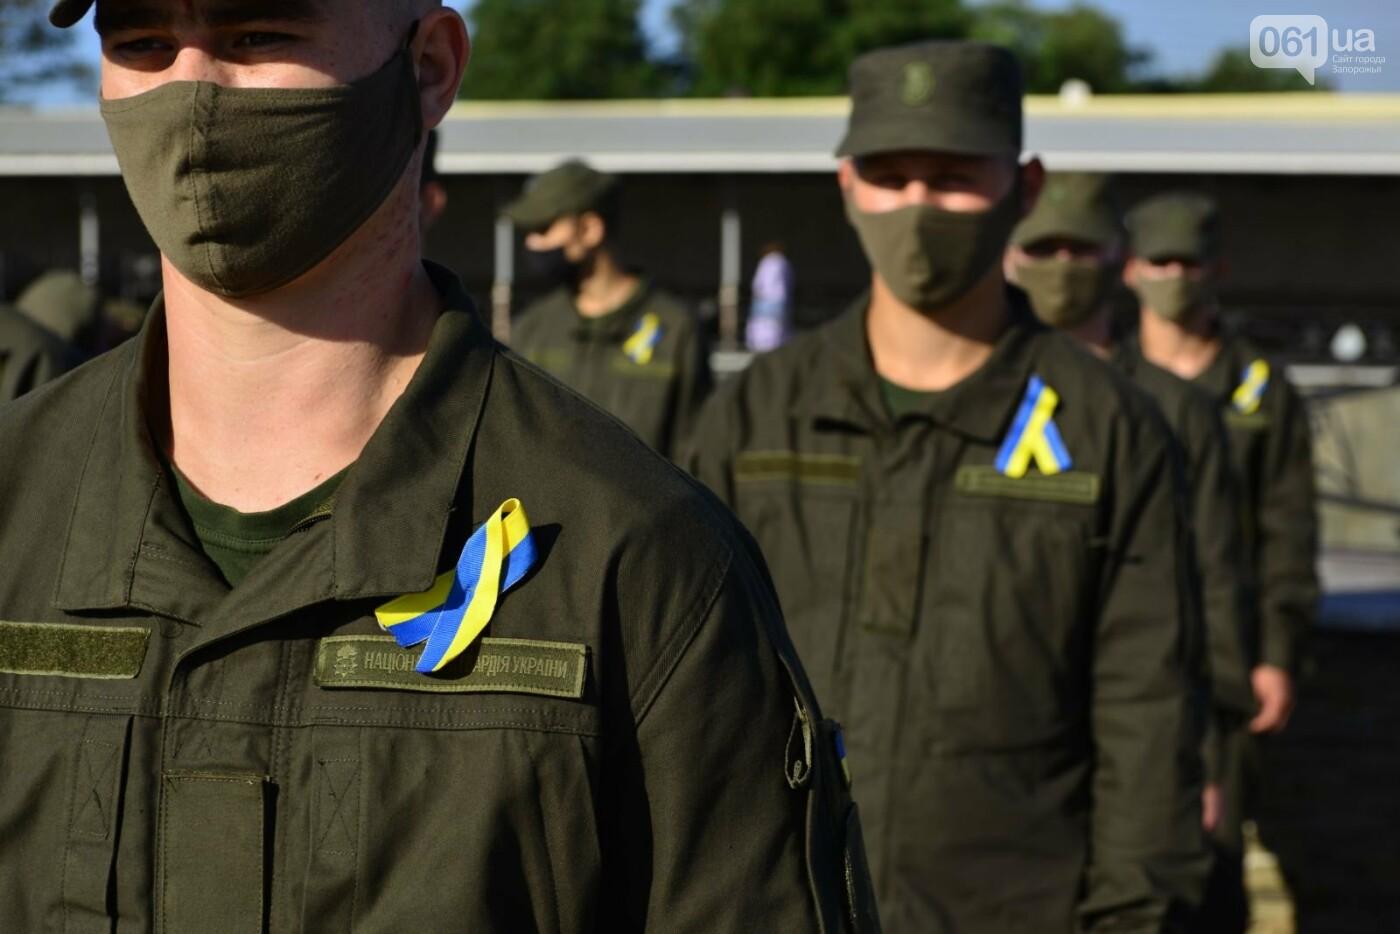 Впервые на Хортице развернули 100-метровый флаг Украины, - ФОТОРЕПОРТАЖ, фото-15